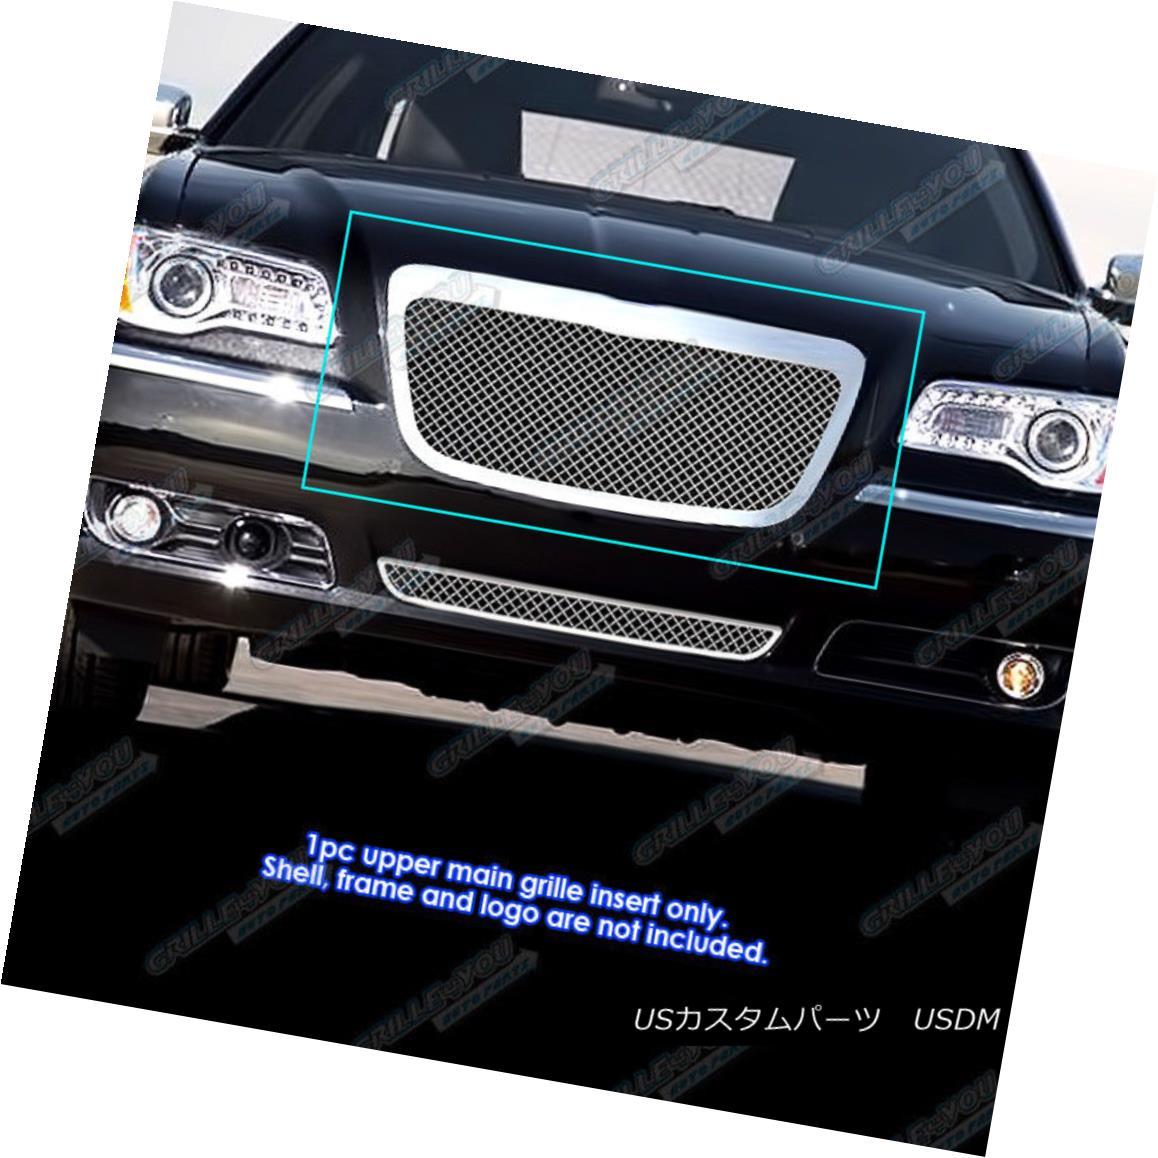 グリル Fits 2011-2014 Chrysler 300/300C Stainless Steel Mesh Grille Grill Insert 適合2011-2014クライスラー300 / 300Cステンレスメッシュグリルグリルインサート